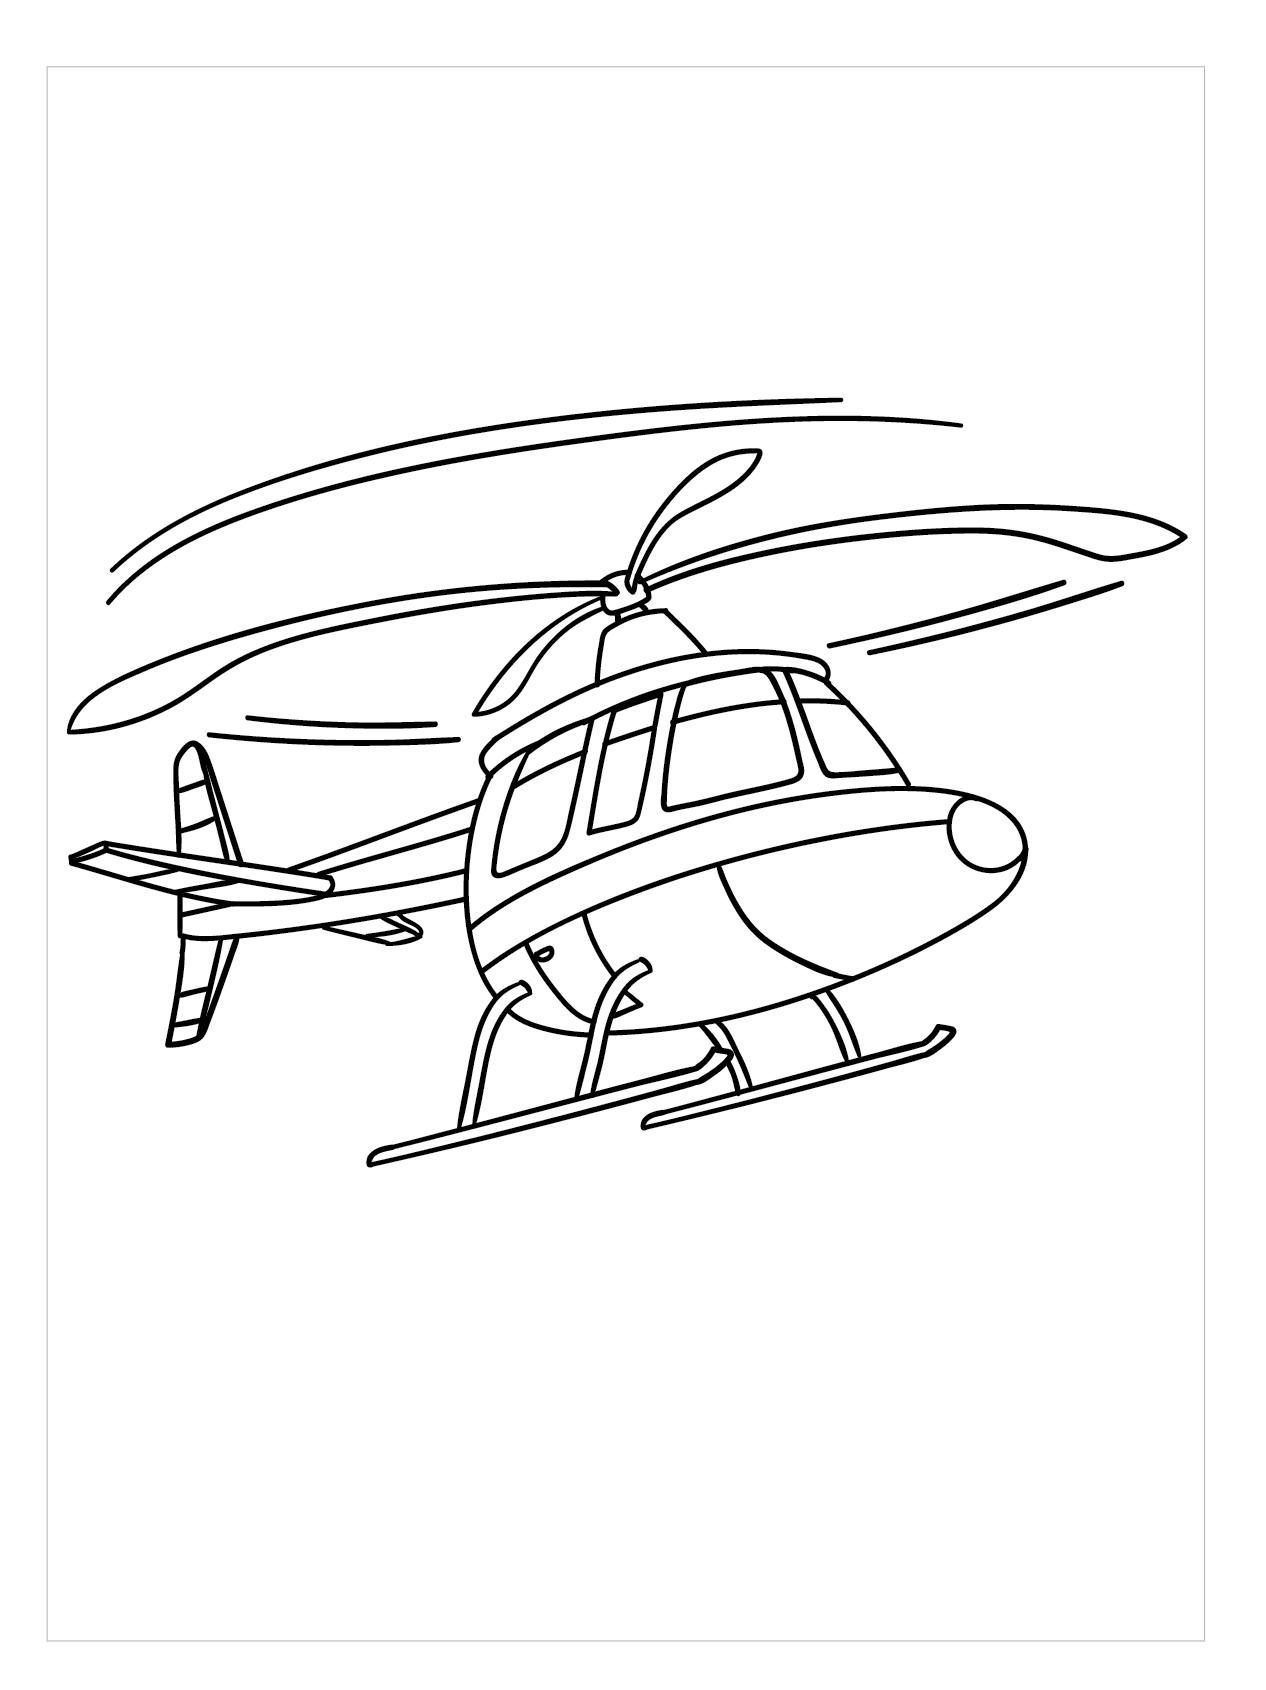 Tranh tô màu máy bay trực thăng đẹp nhất